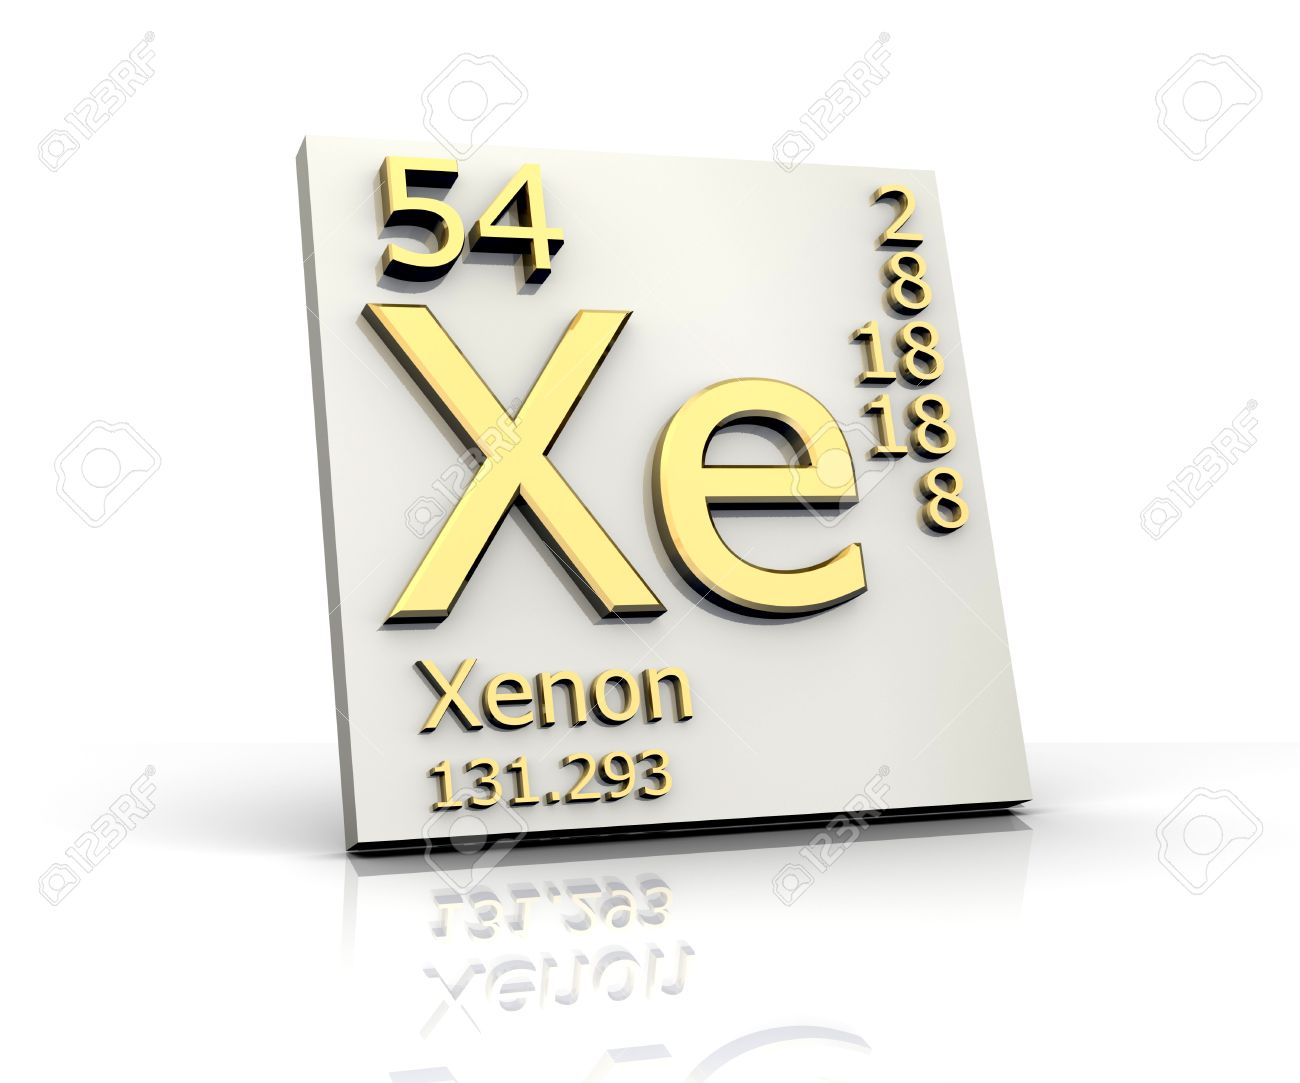 Xenon forma tabla peridica de los elementos fotos retratos foto de archivo xenon forma tabla peridica de los elementos urtaz Gallery